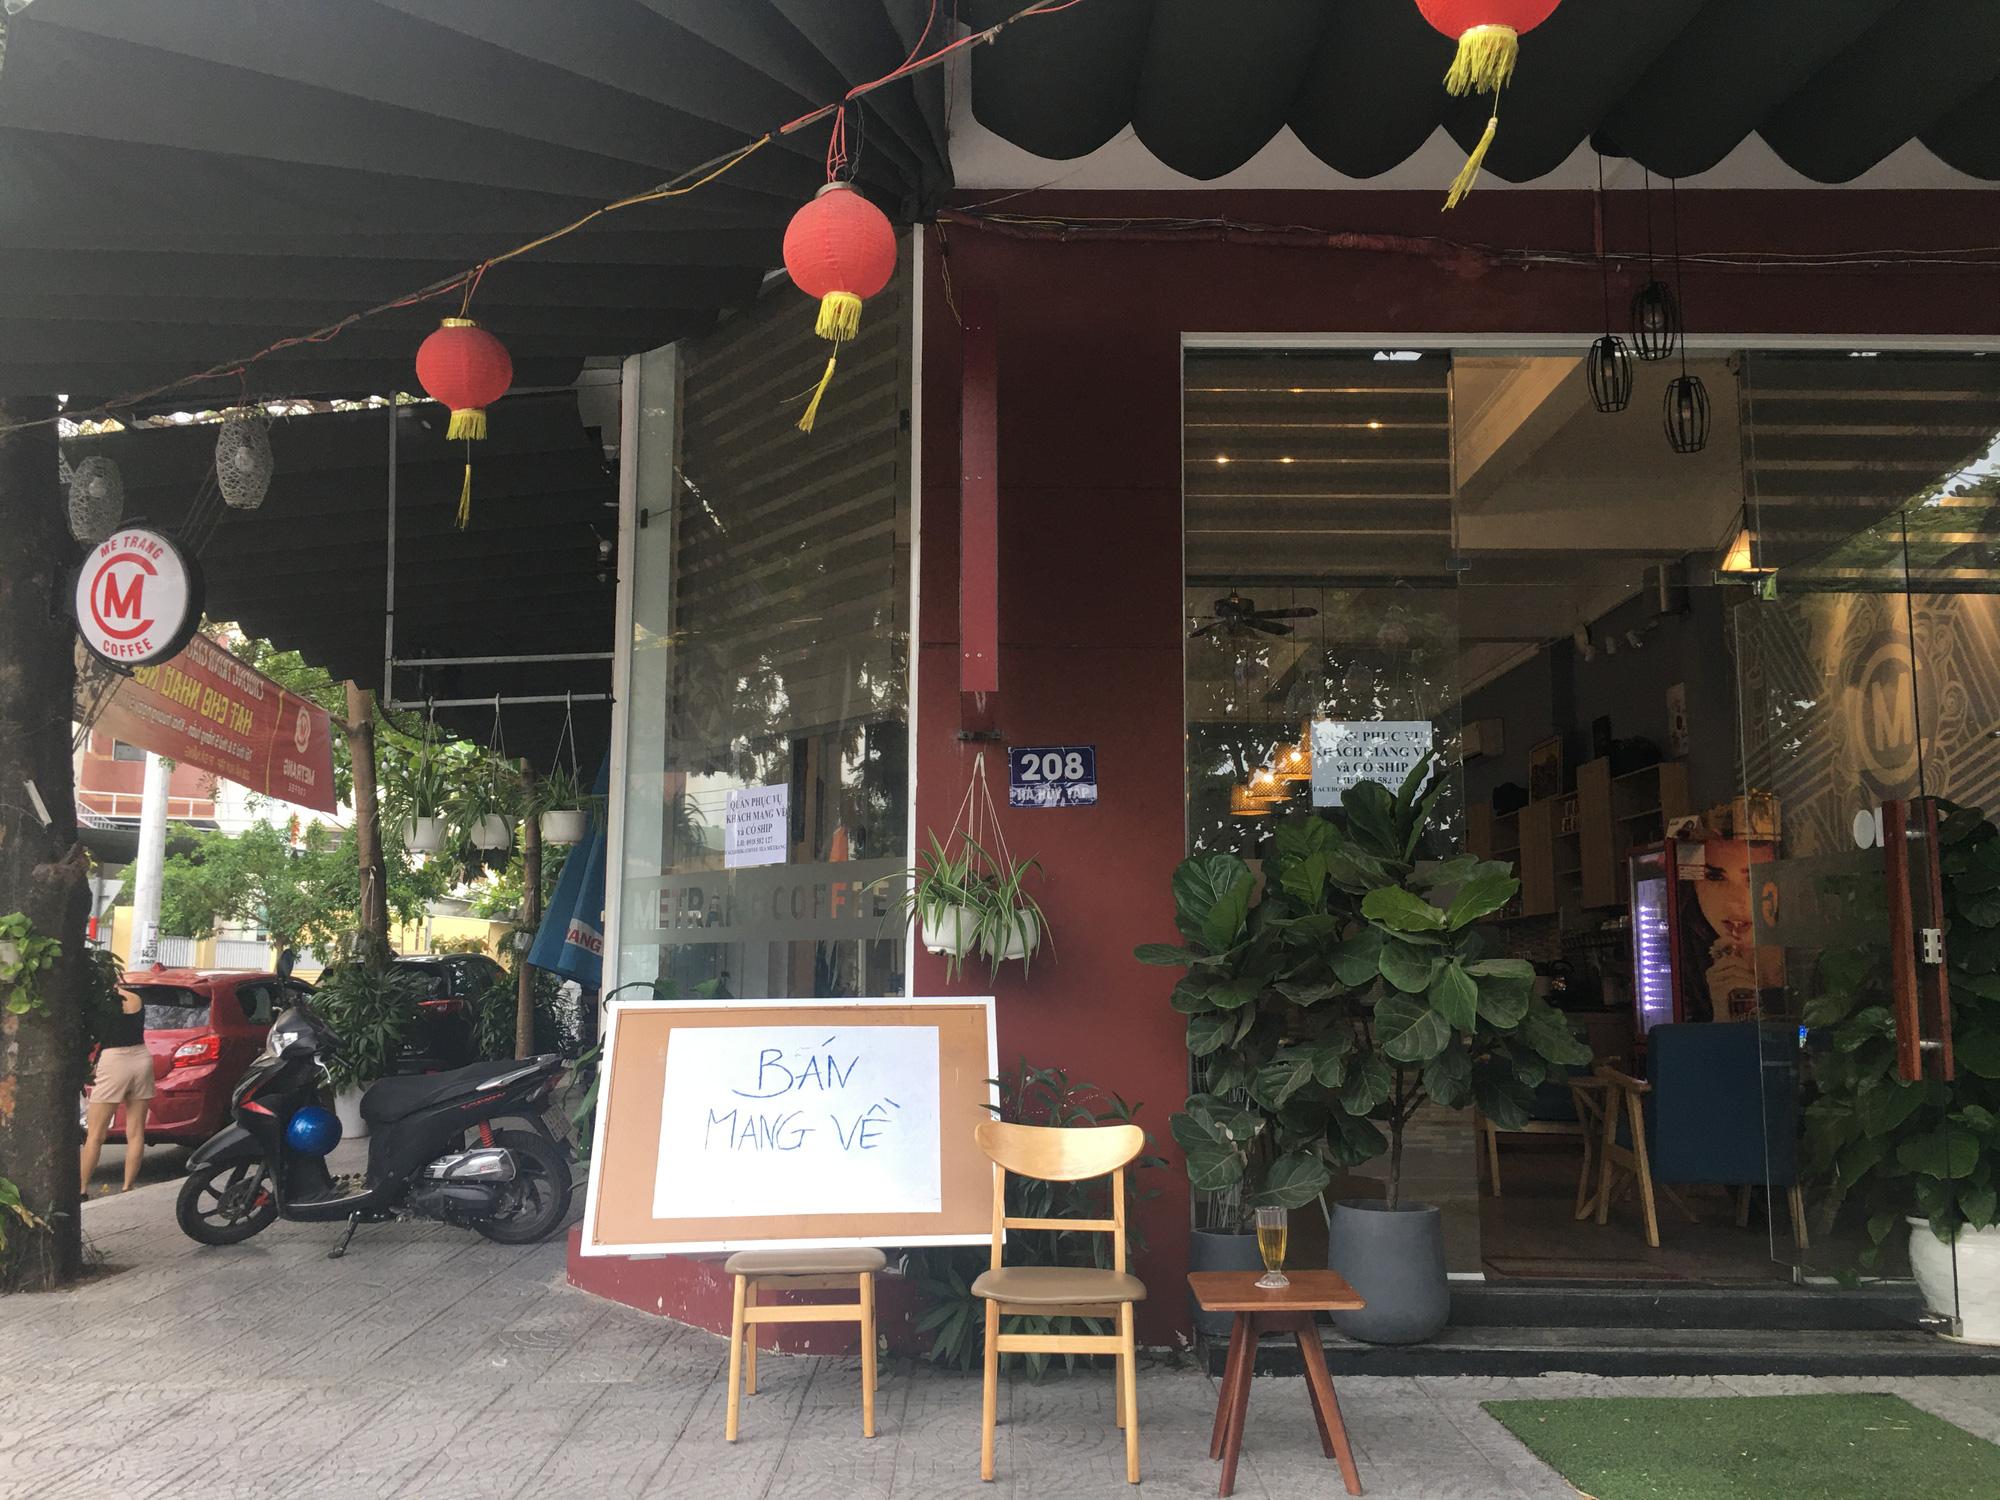 Người Đà Nẵng đi siêu thị mua về nấu ăn dù chính quyền đã cho hàng quán bán online, mang về nhà - Ảnh 1.